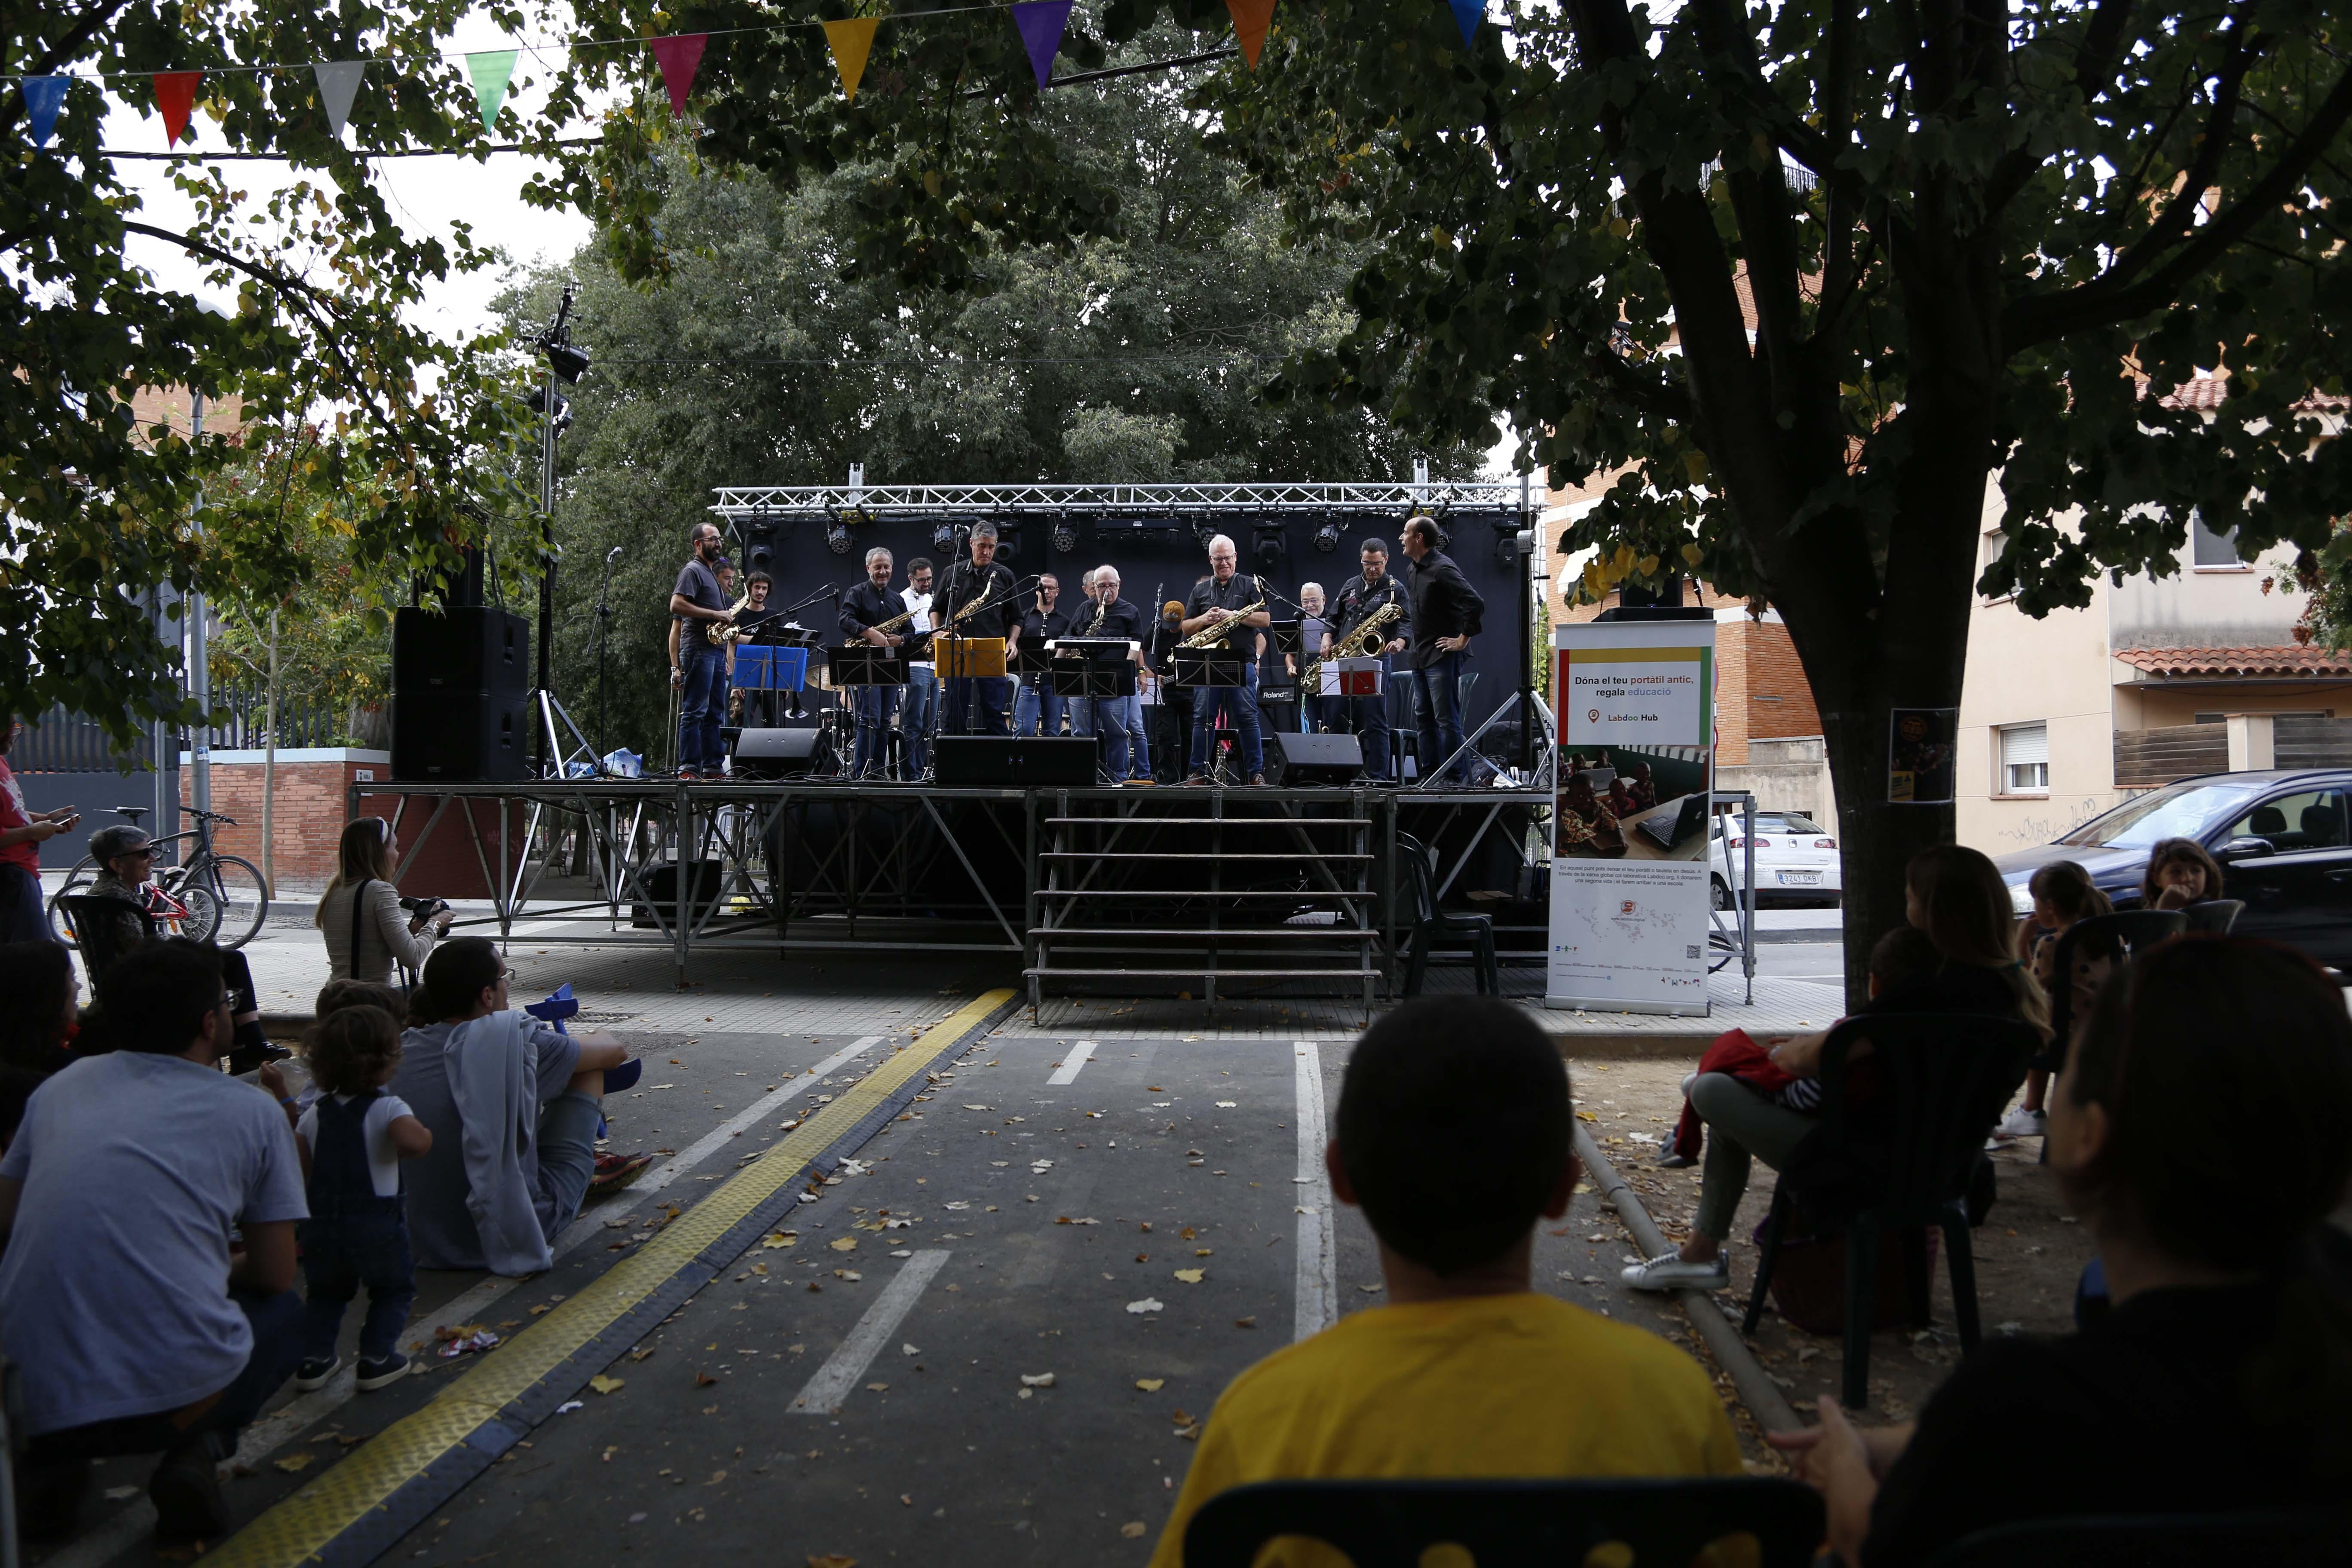 Actuacions musicals per la Festa Major del barri del Monestir- Sant Francesc 2019. FOTO: Anna Bassa